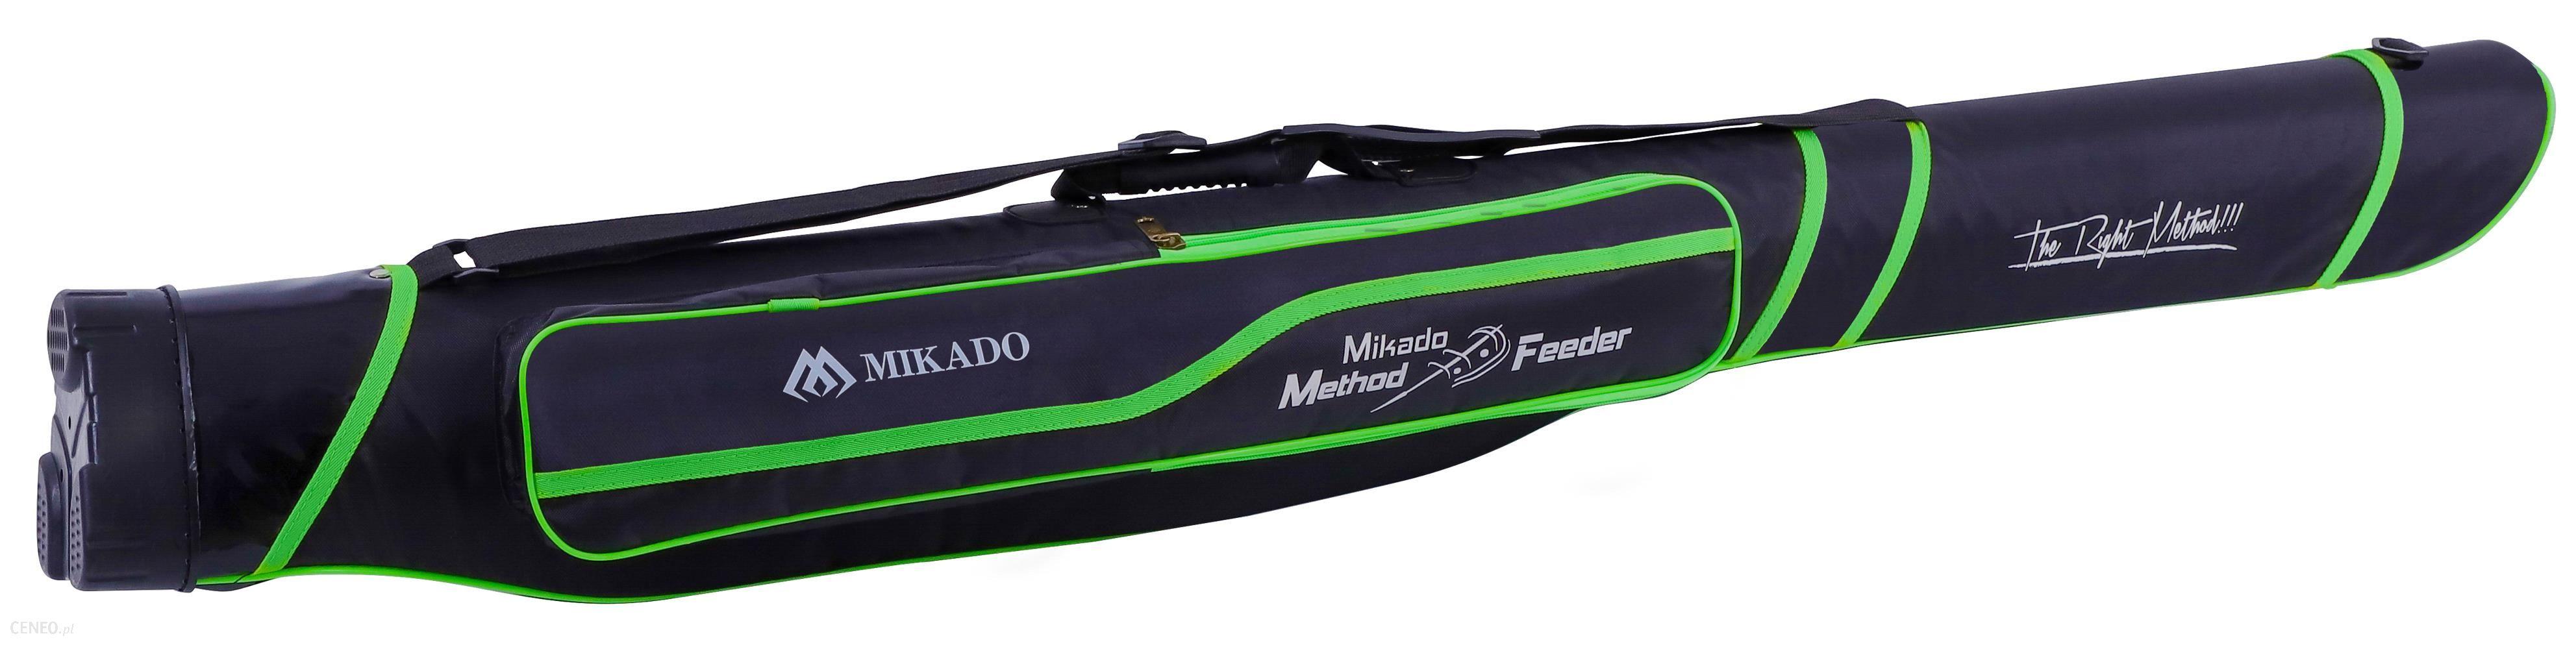 Mikado Pokrowiec Method Feeder 2 Komorowy 135Cm